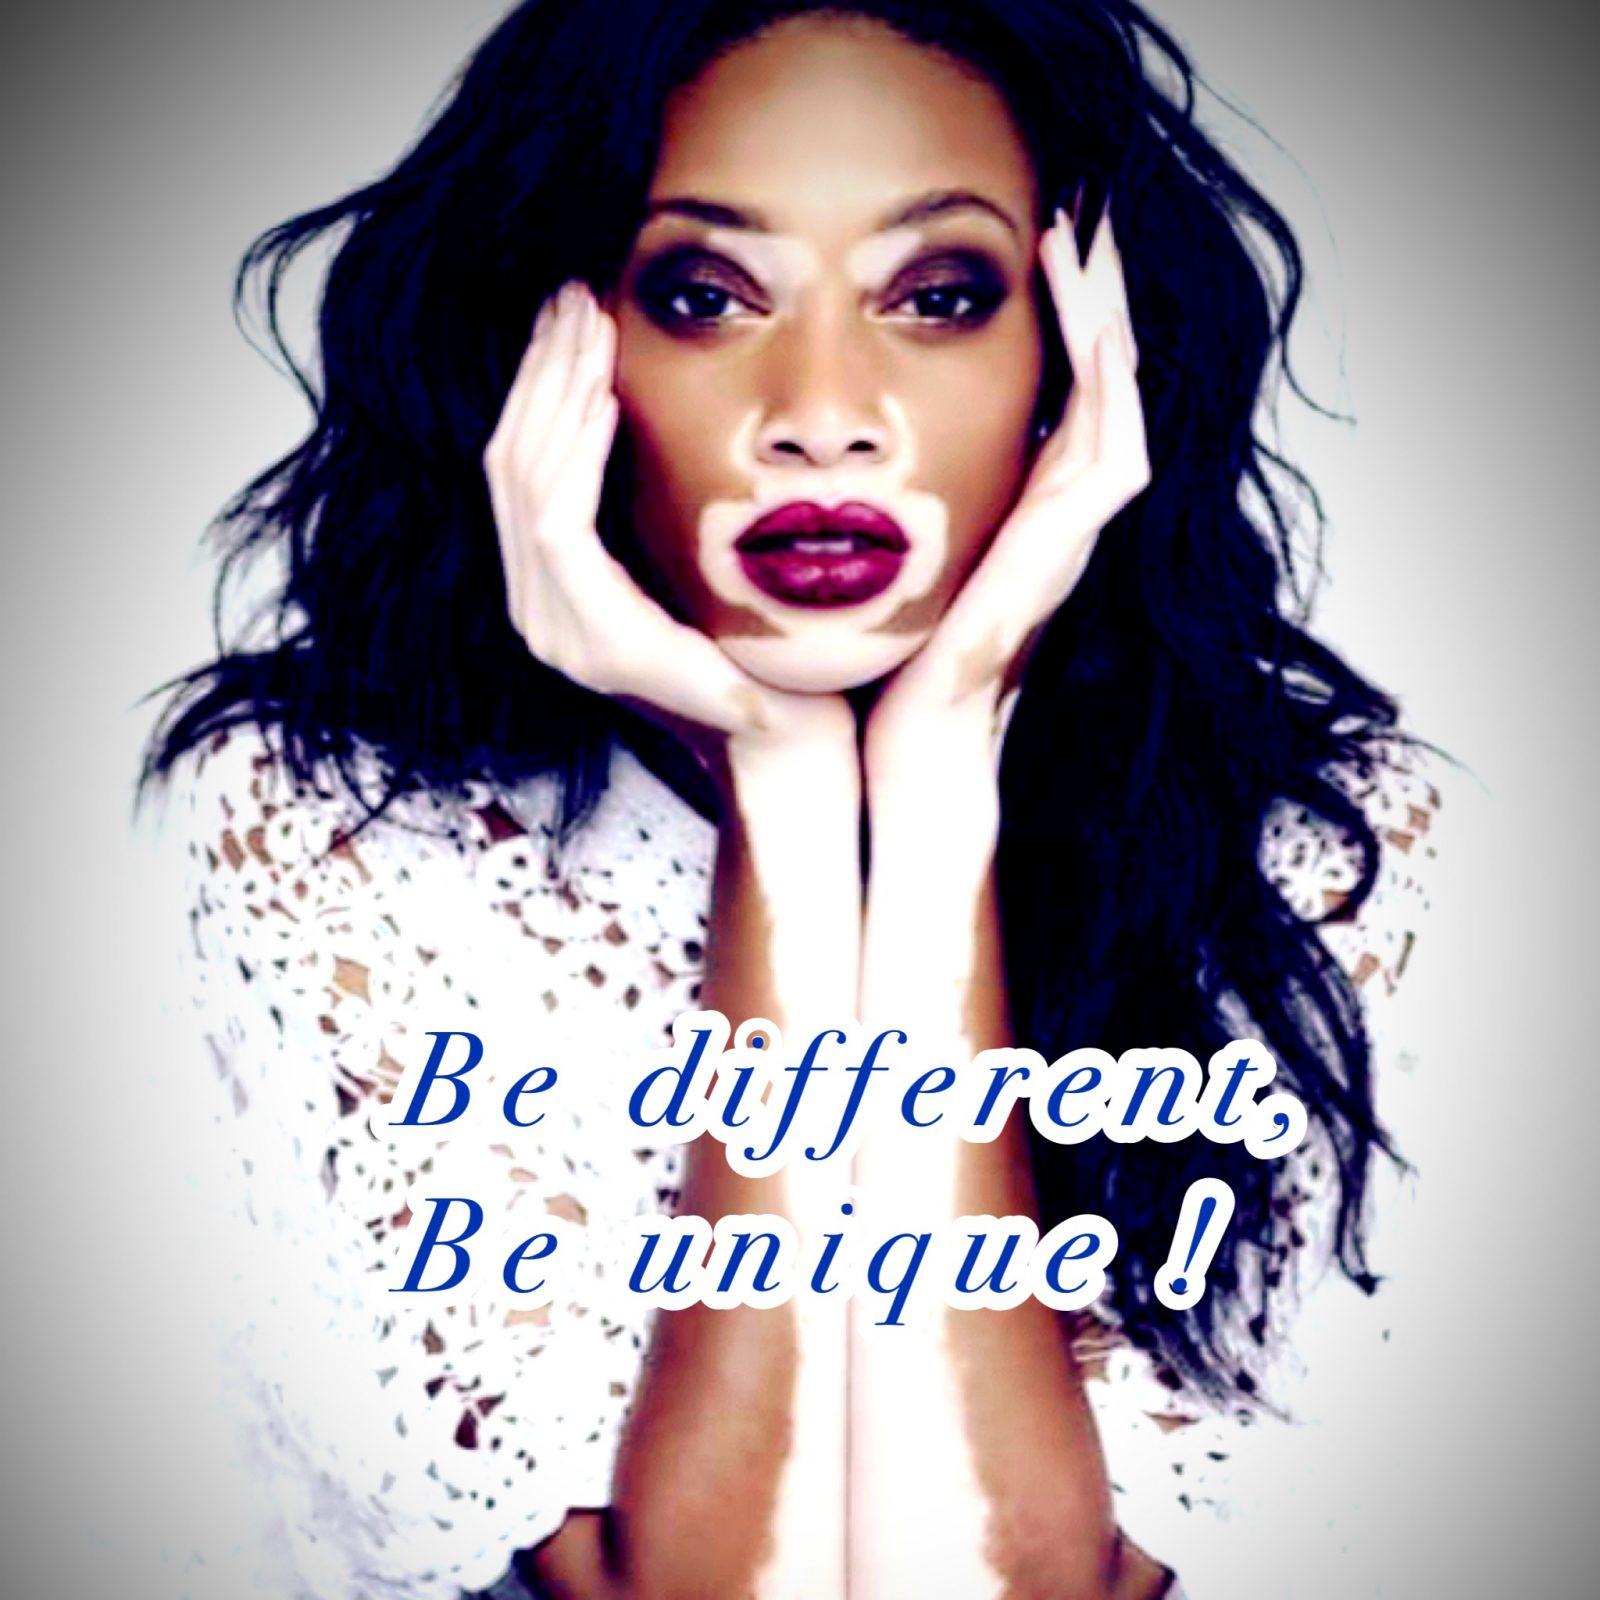 Accepter sa différence, c'est accepter de vivre et de Dire Non aux préjugés